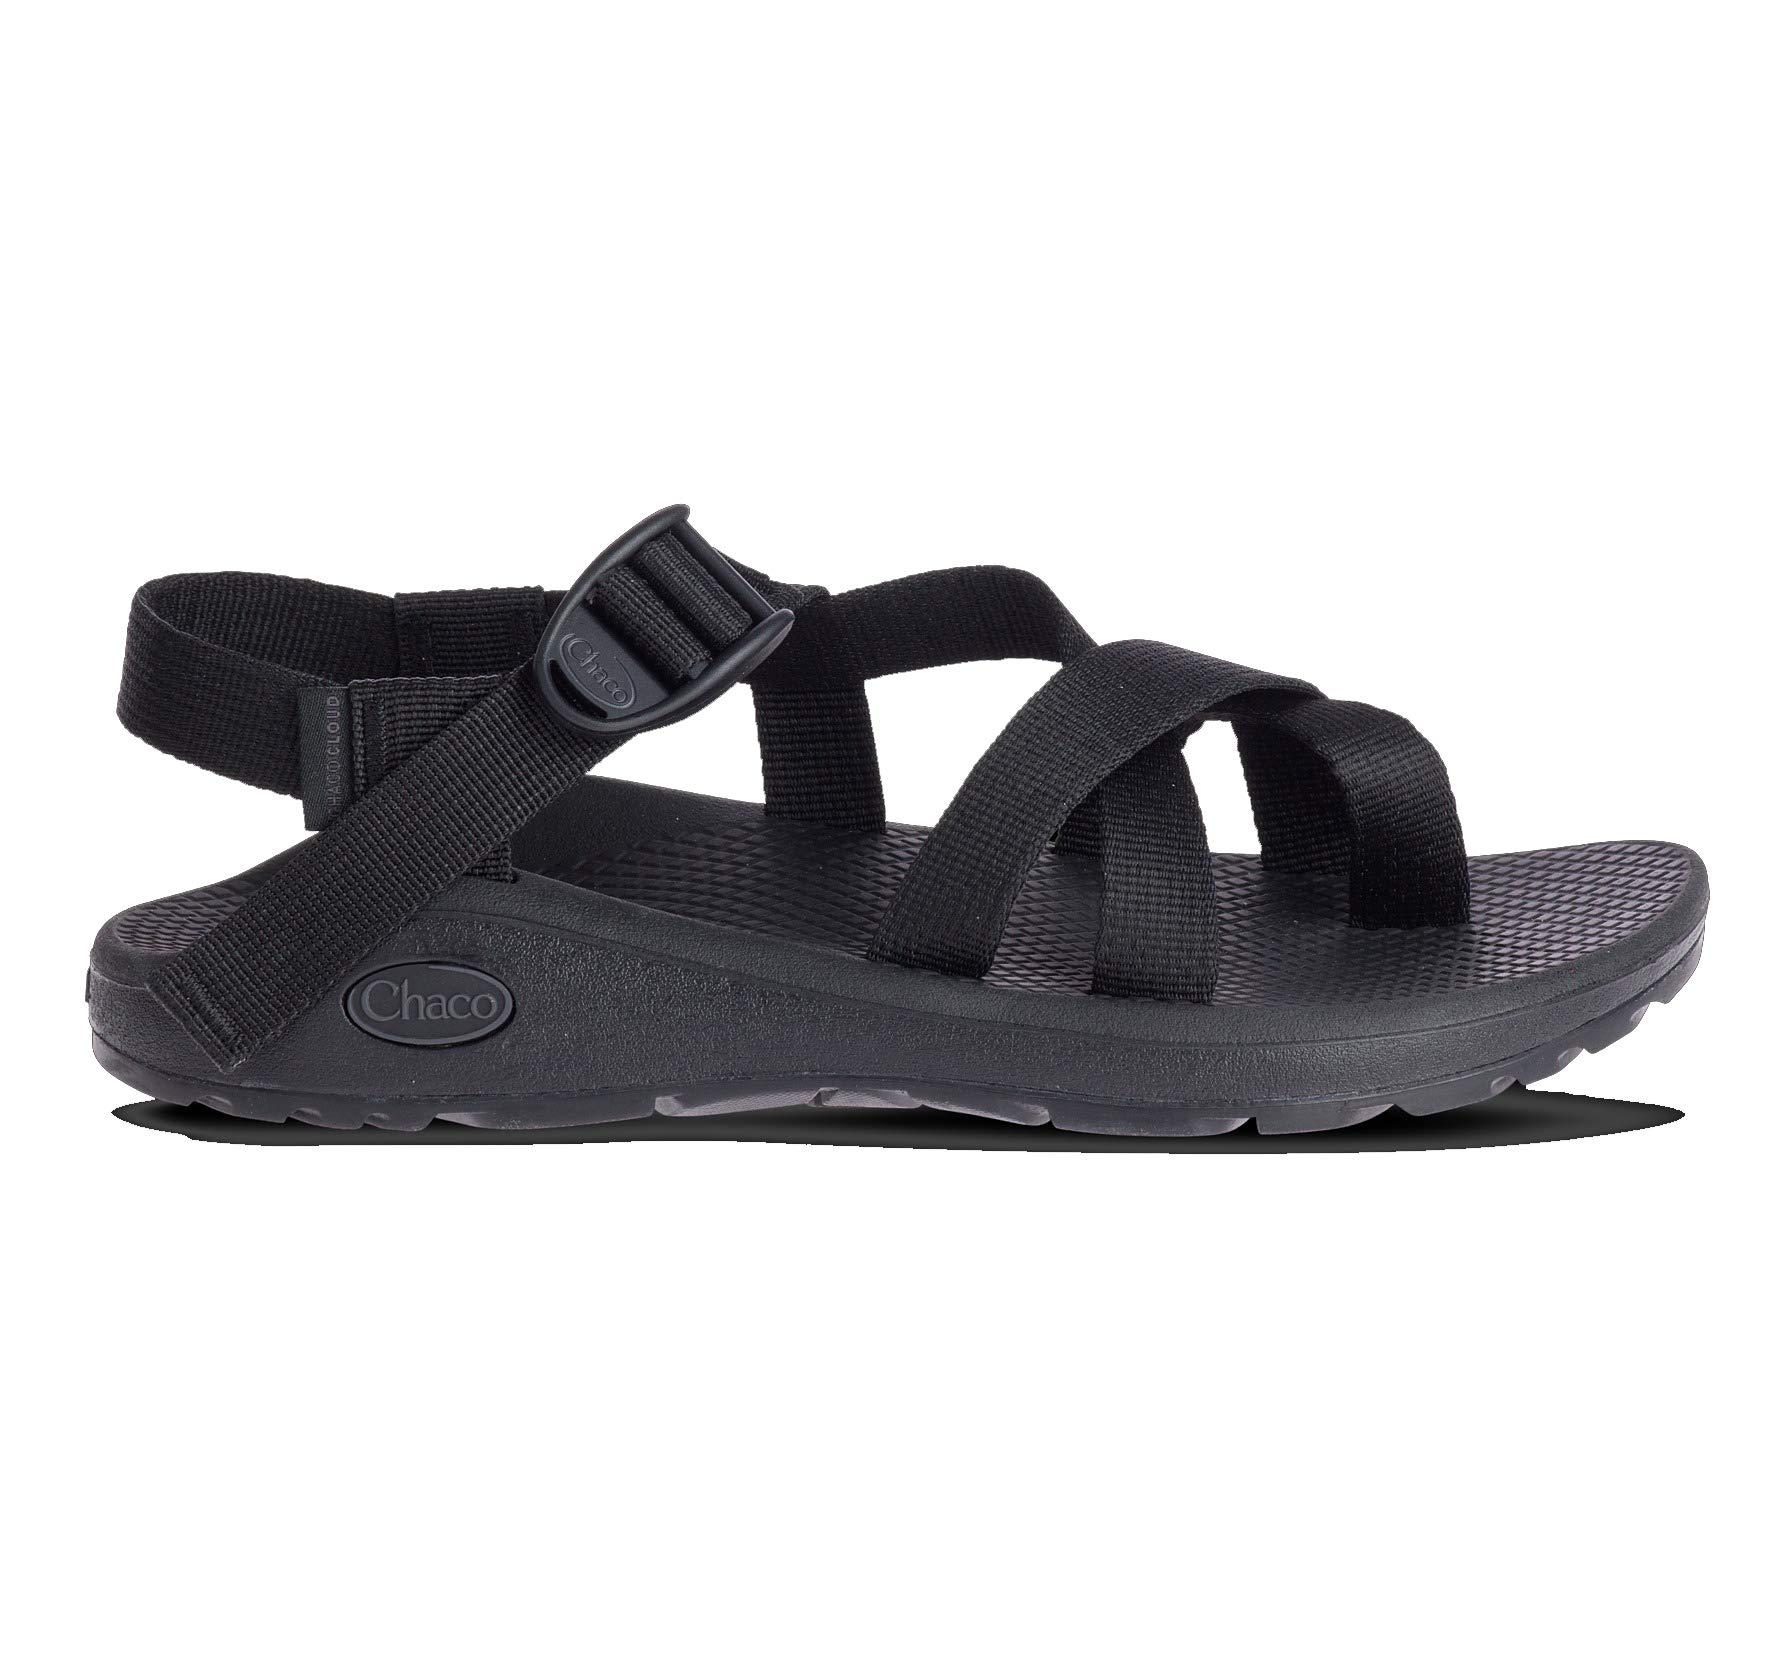 Chaco J107364 Women's ZCloud 2 Sandal, Solid Black - 8 B(M) US